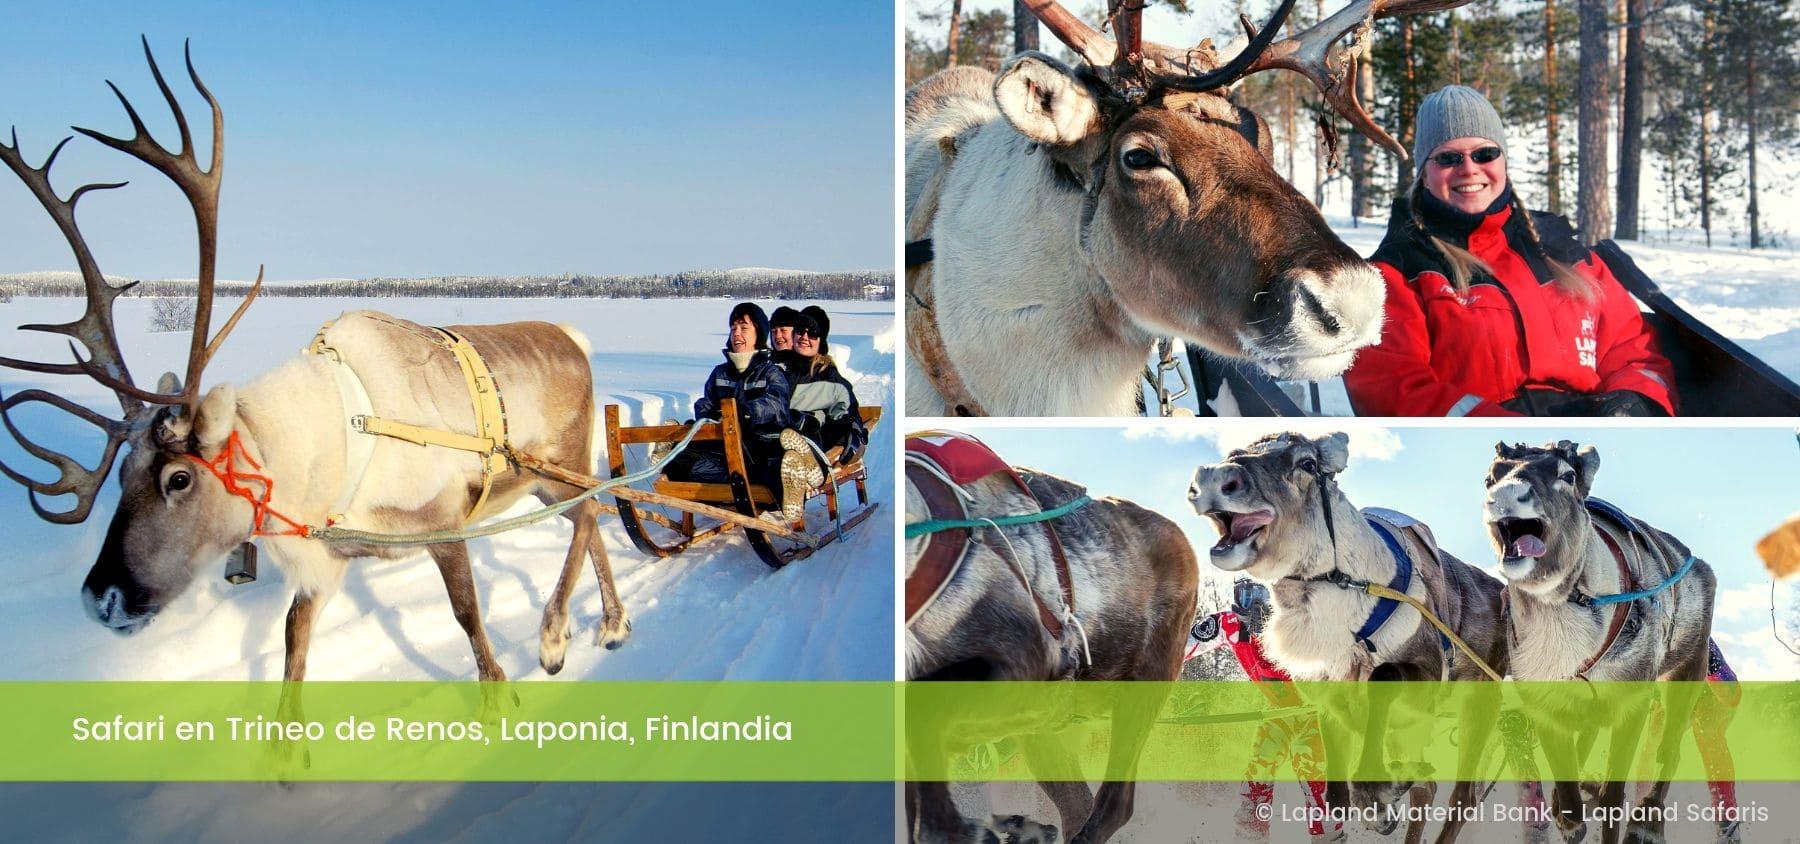 Safari Trineo de Renos Rovaniemi Laponia Finlandia